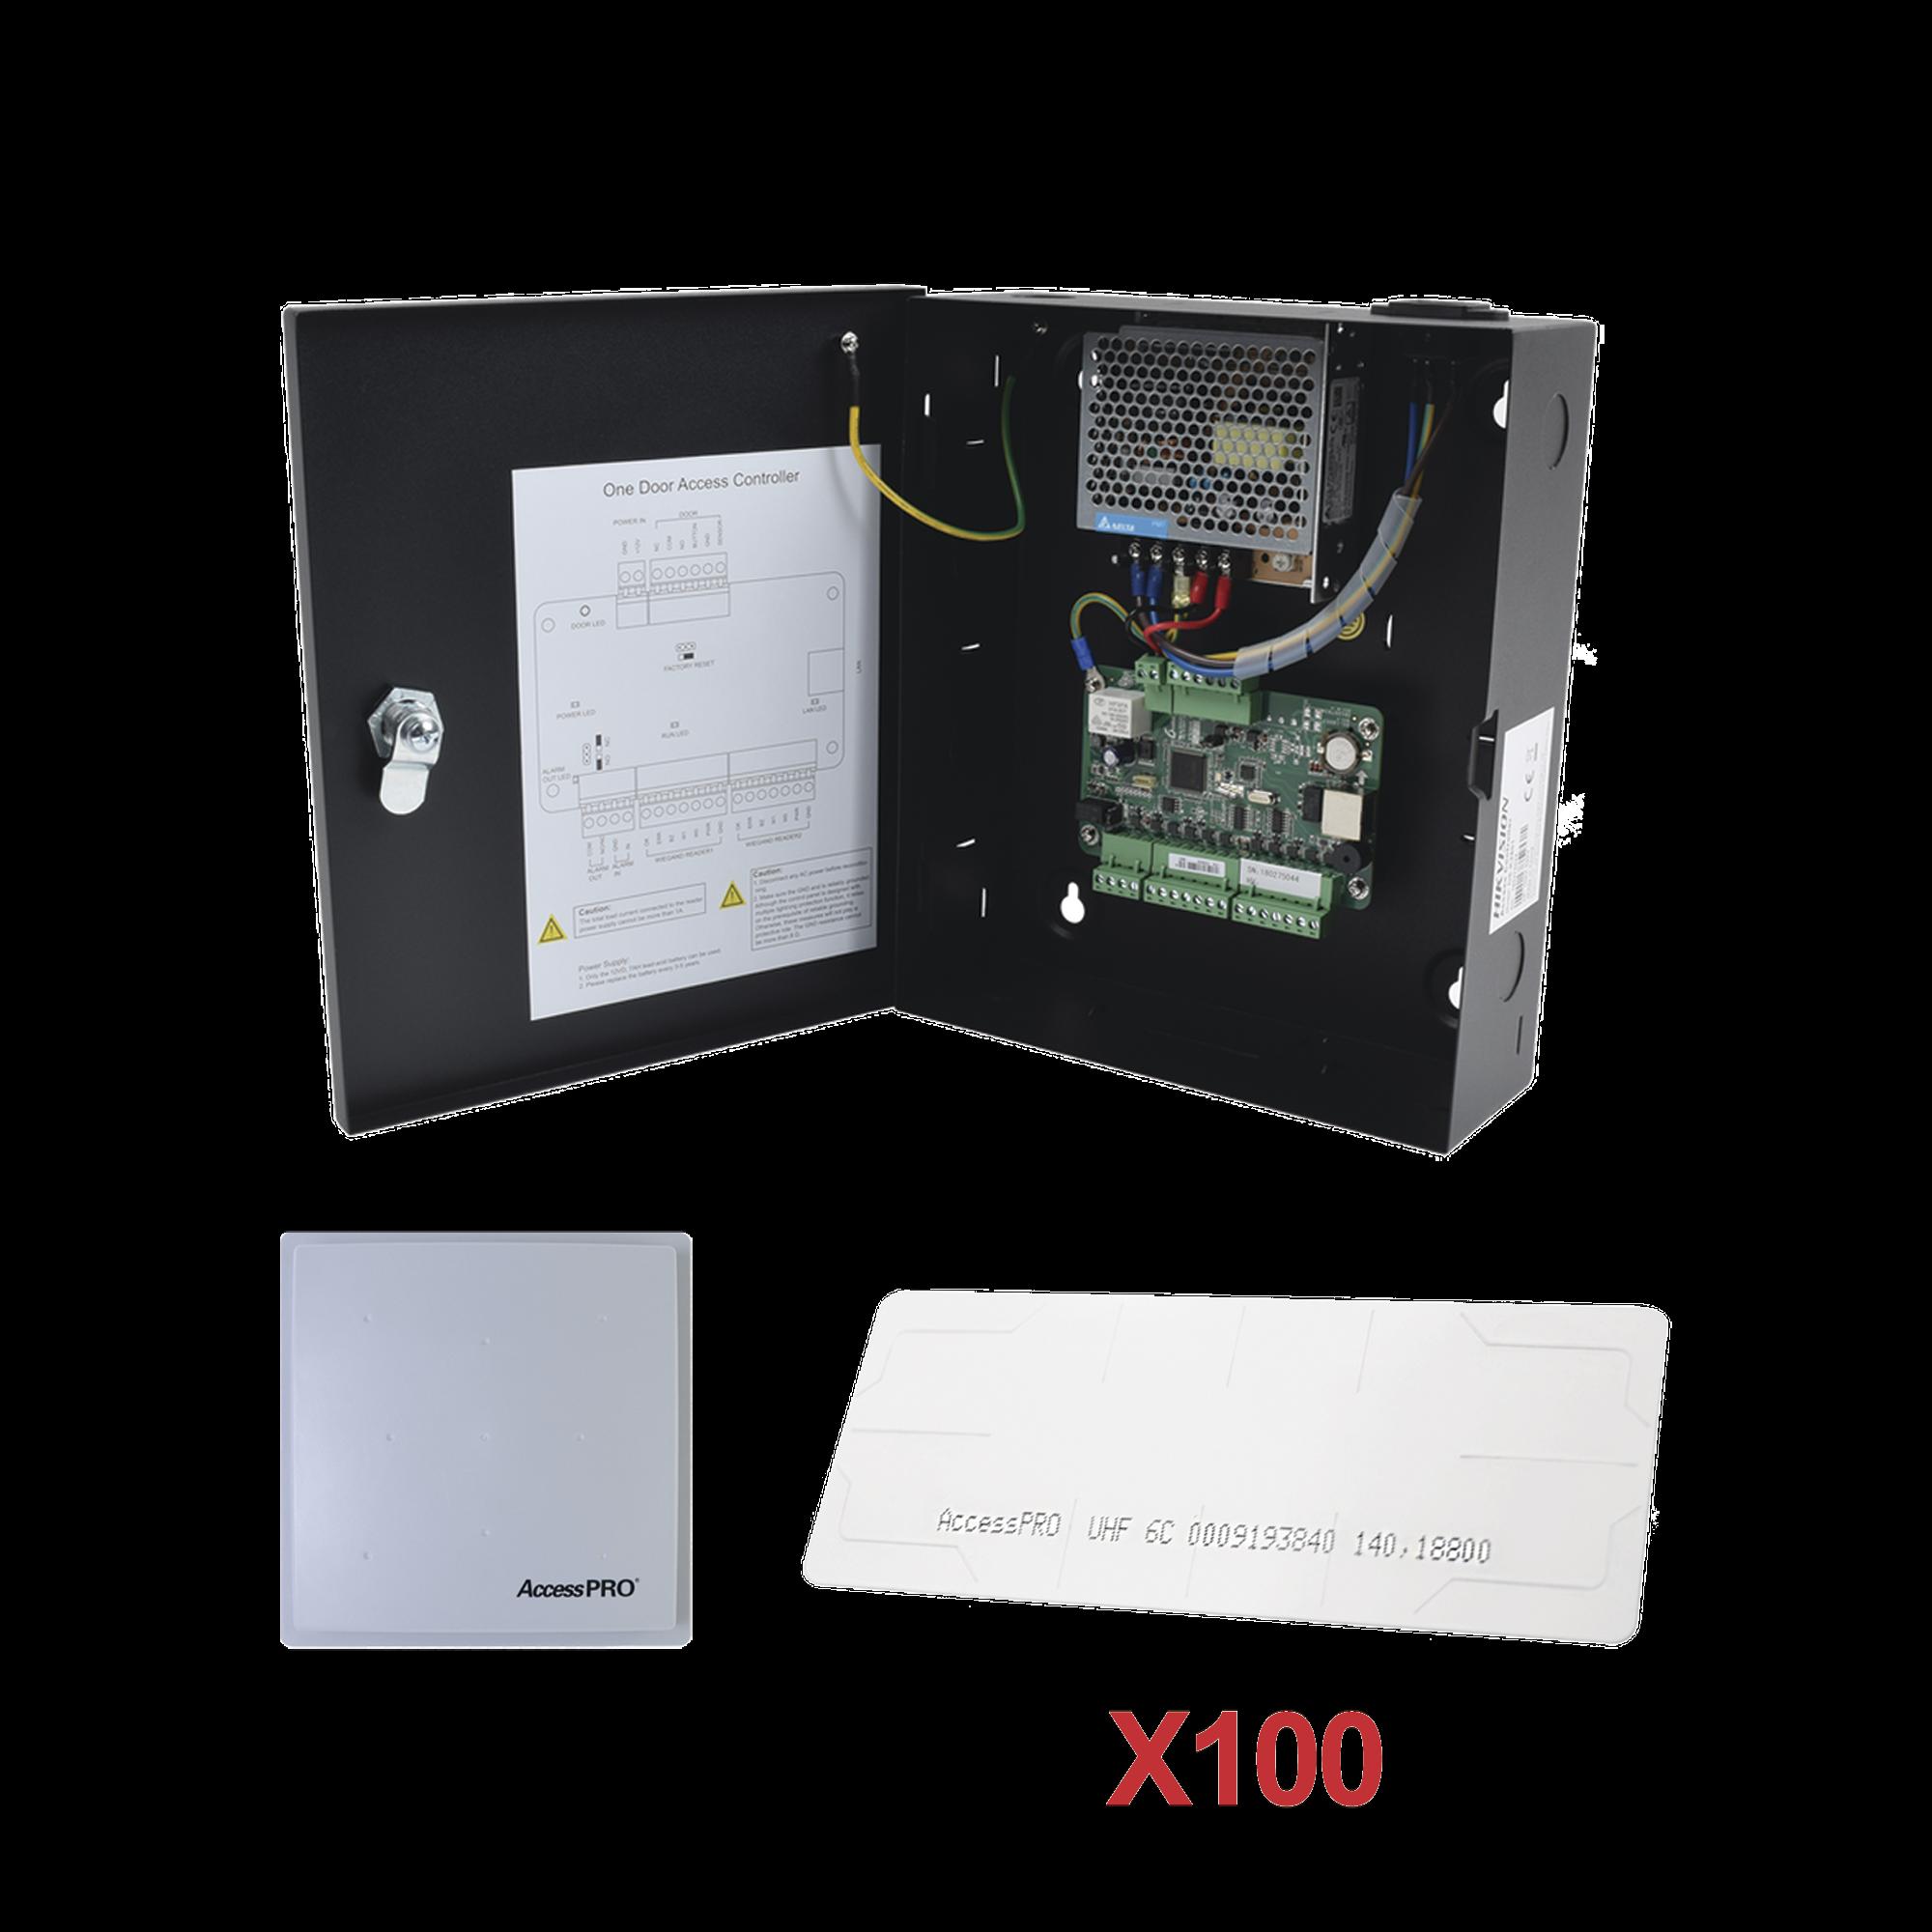 Kit para automatizar 1 ACCESO VEHICULAR con STICKERS en Parabrisas de vehiculos / Incluye Panel,  lector y 100 stickers / Software IVMS4200 incluido